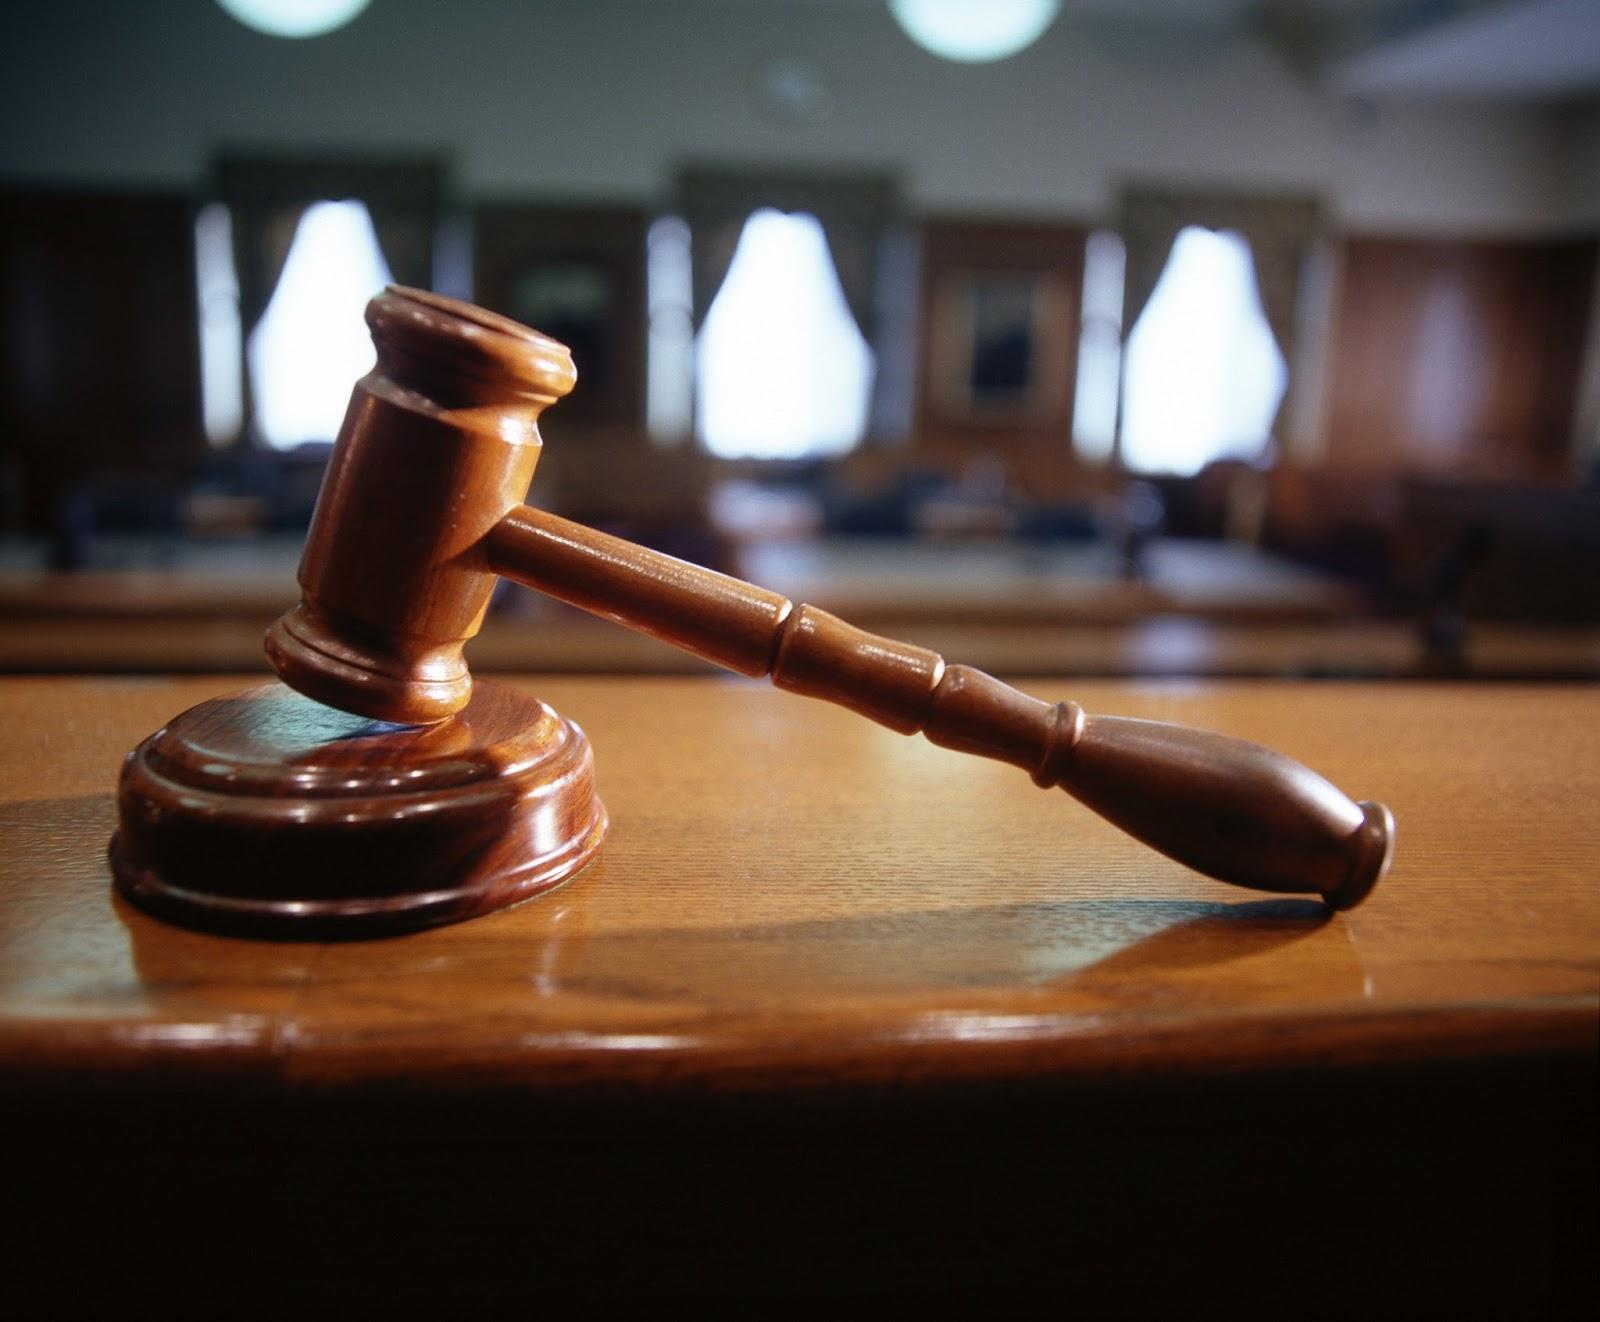 12 έτη κάθειρξη για απόπειρα ανθρωποκτονίας στην Καλάνδρα Χαλκιδικής